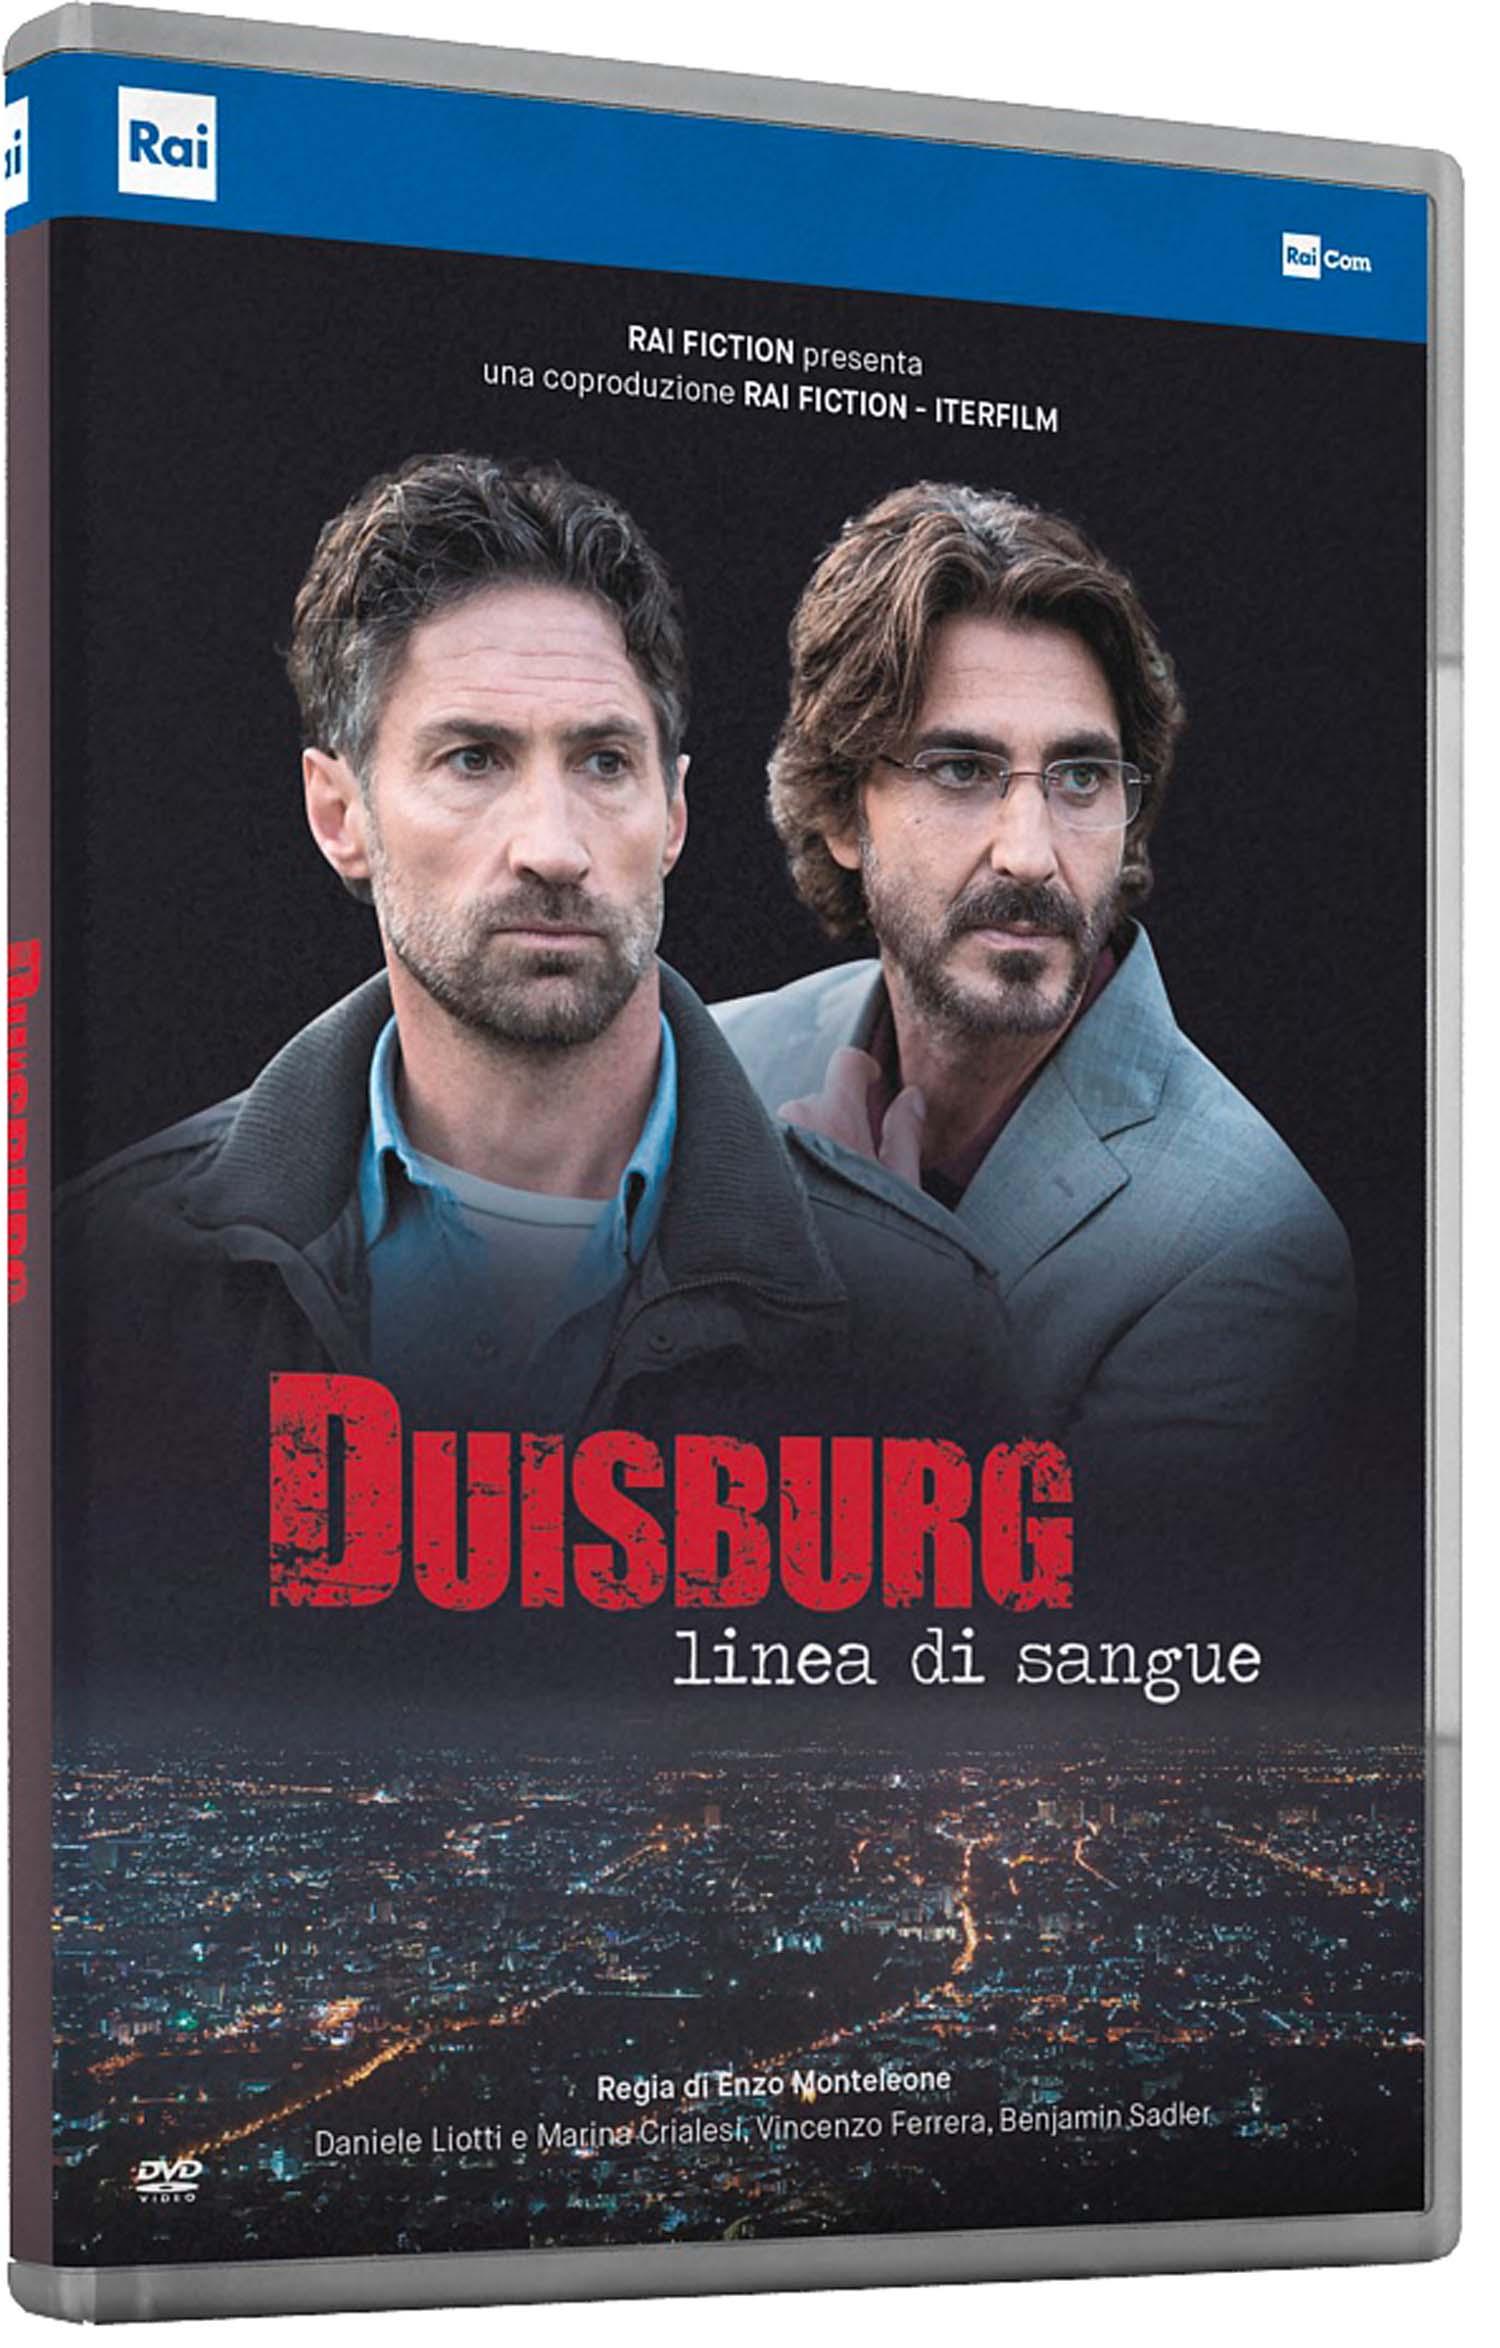 DUISBURG - LINEA DI SANGUE (DVD)